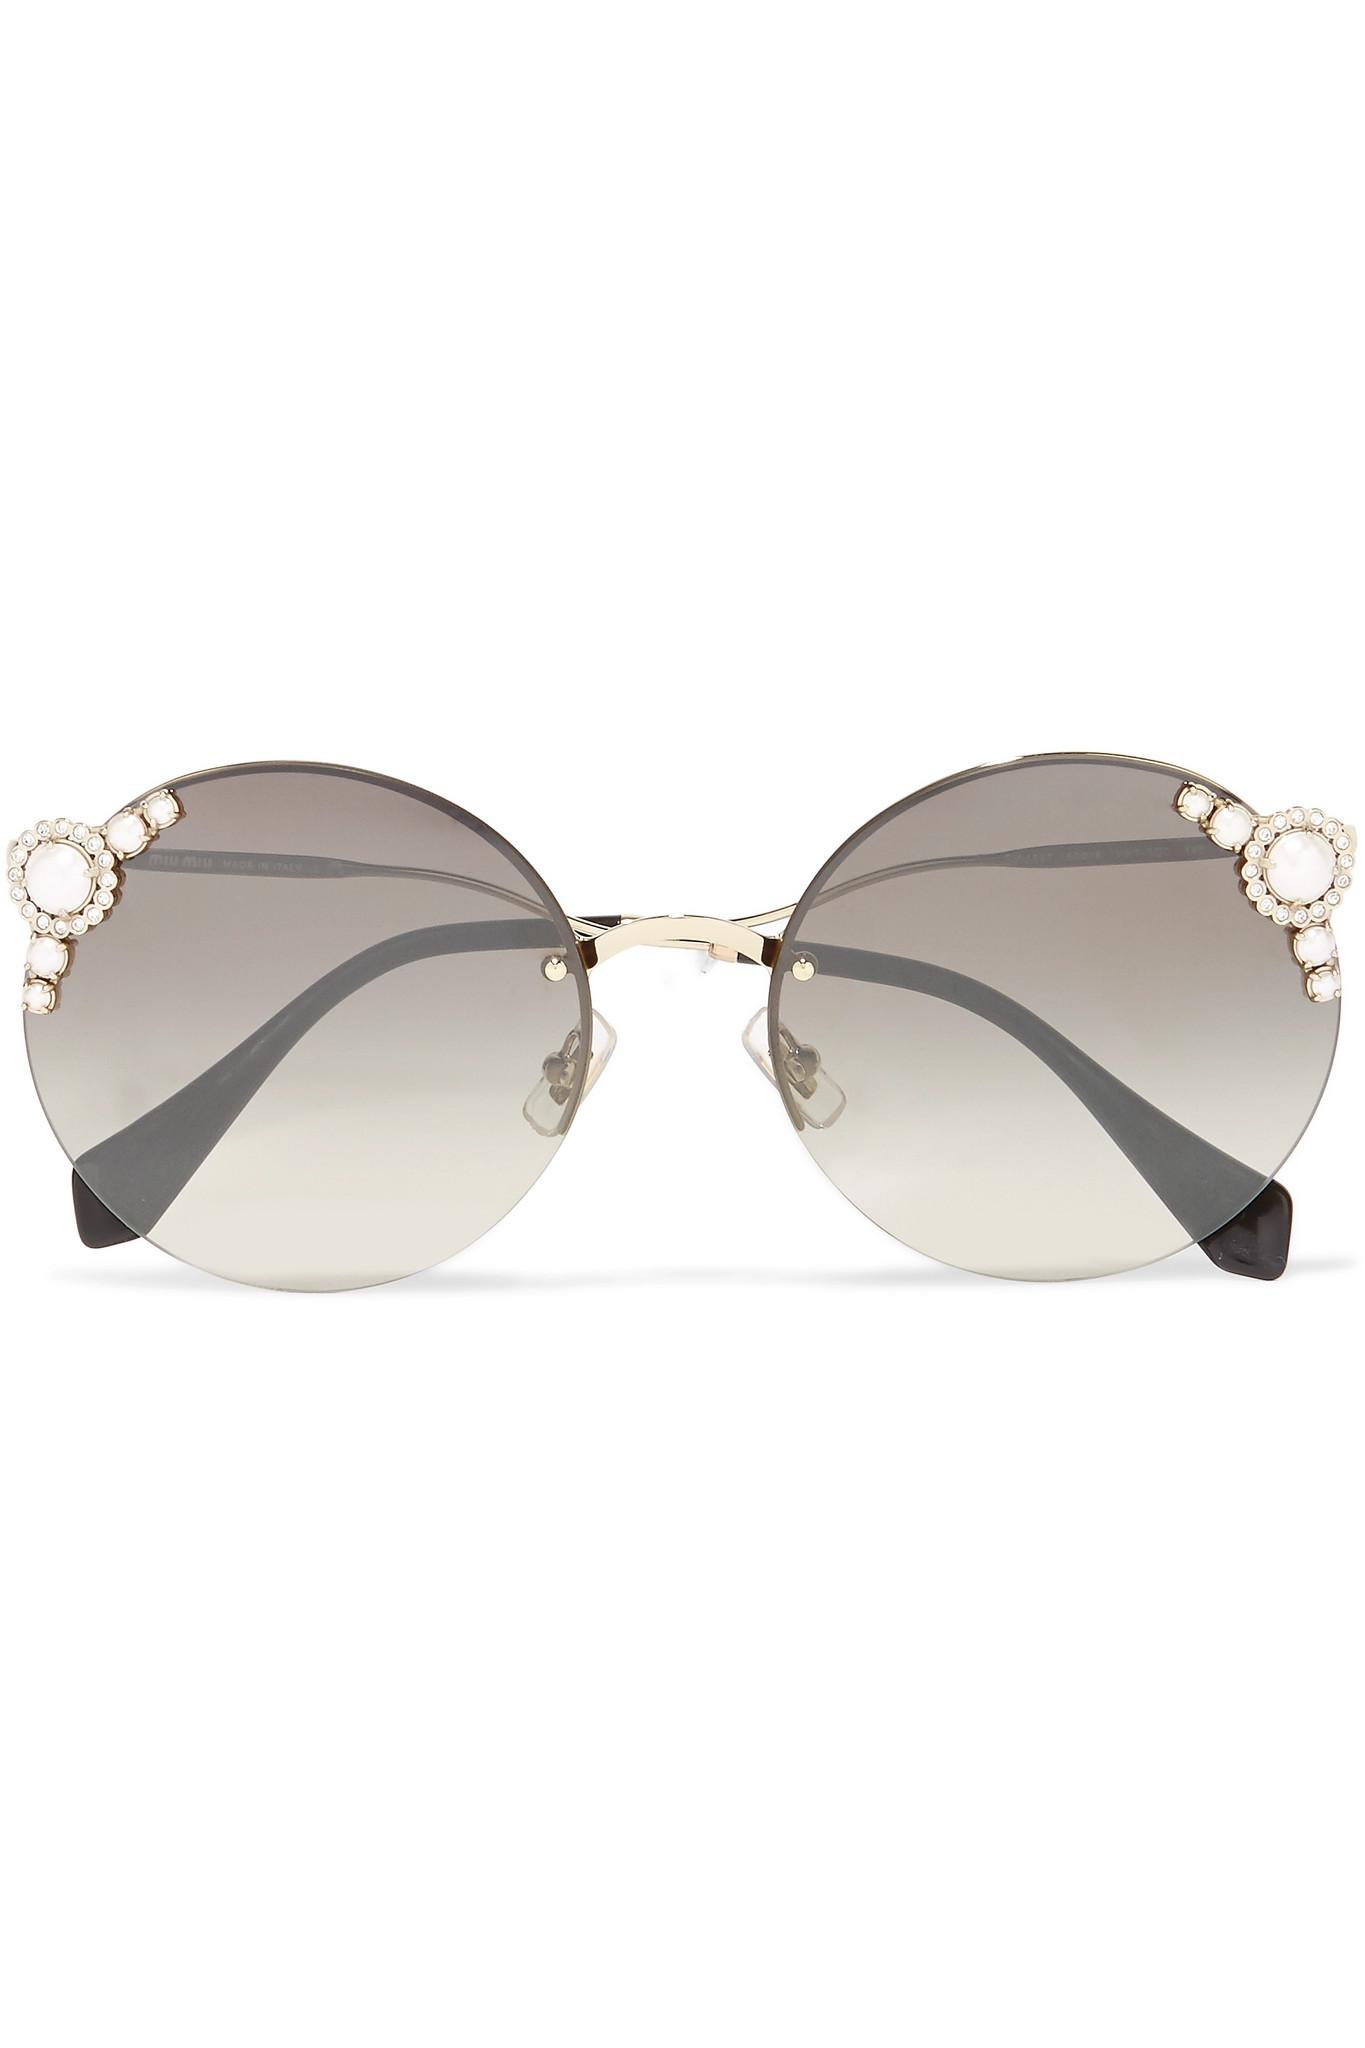 f76d4df5f833 Miu Miu Embellished Round-frame Acetate And Gold-tone Sunglasses in ...